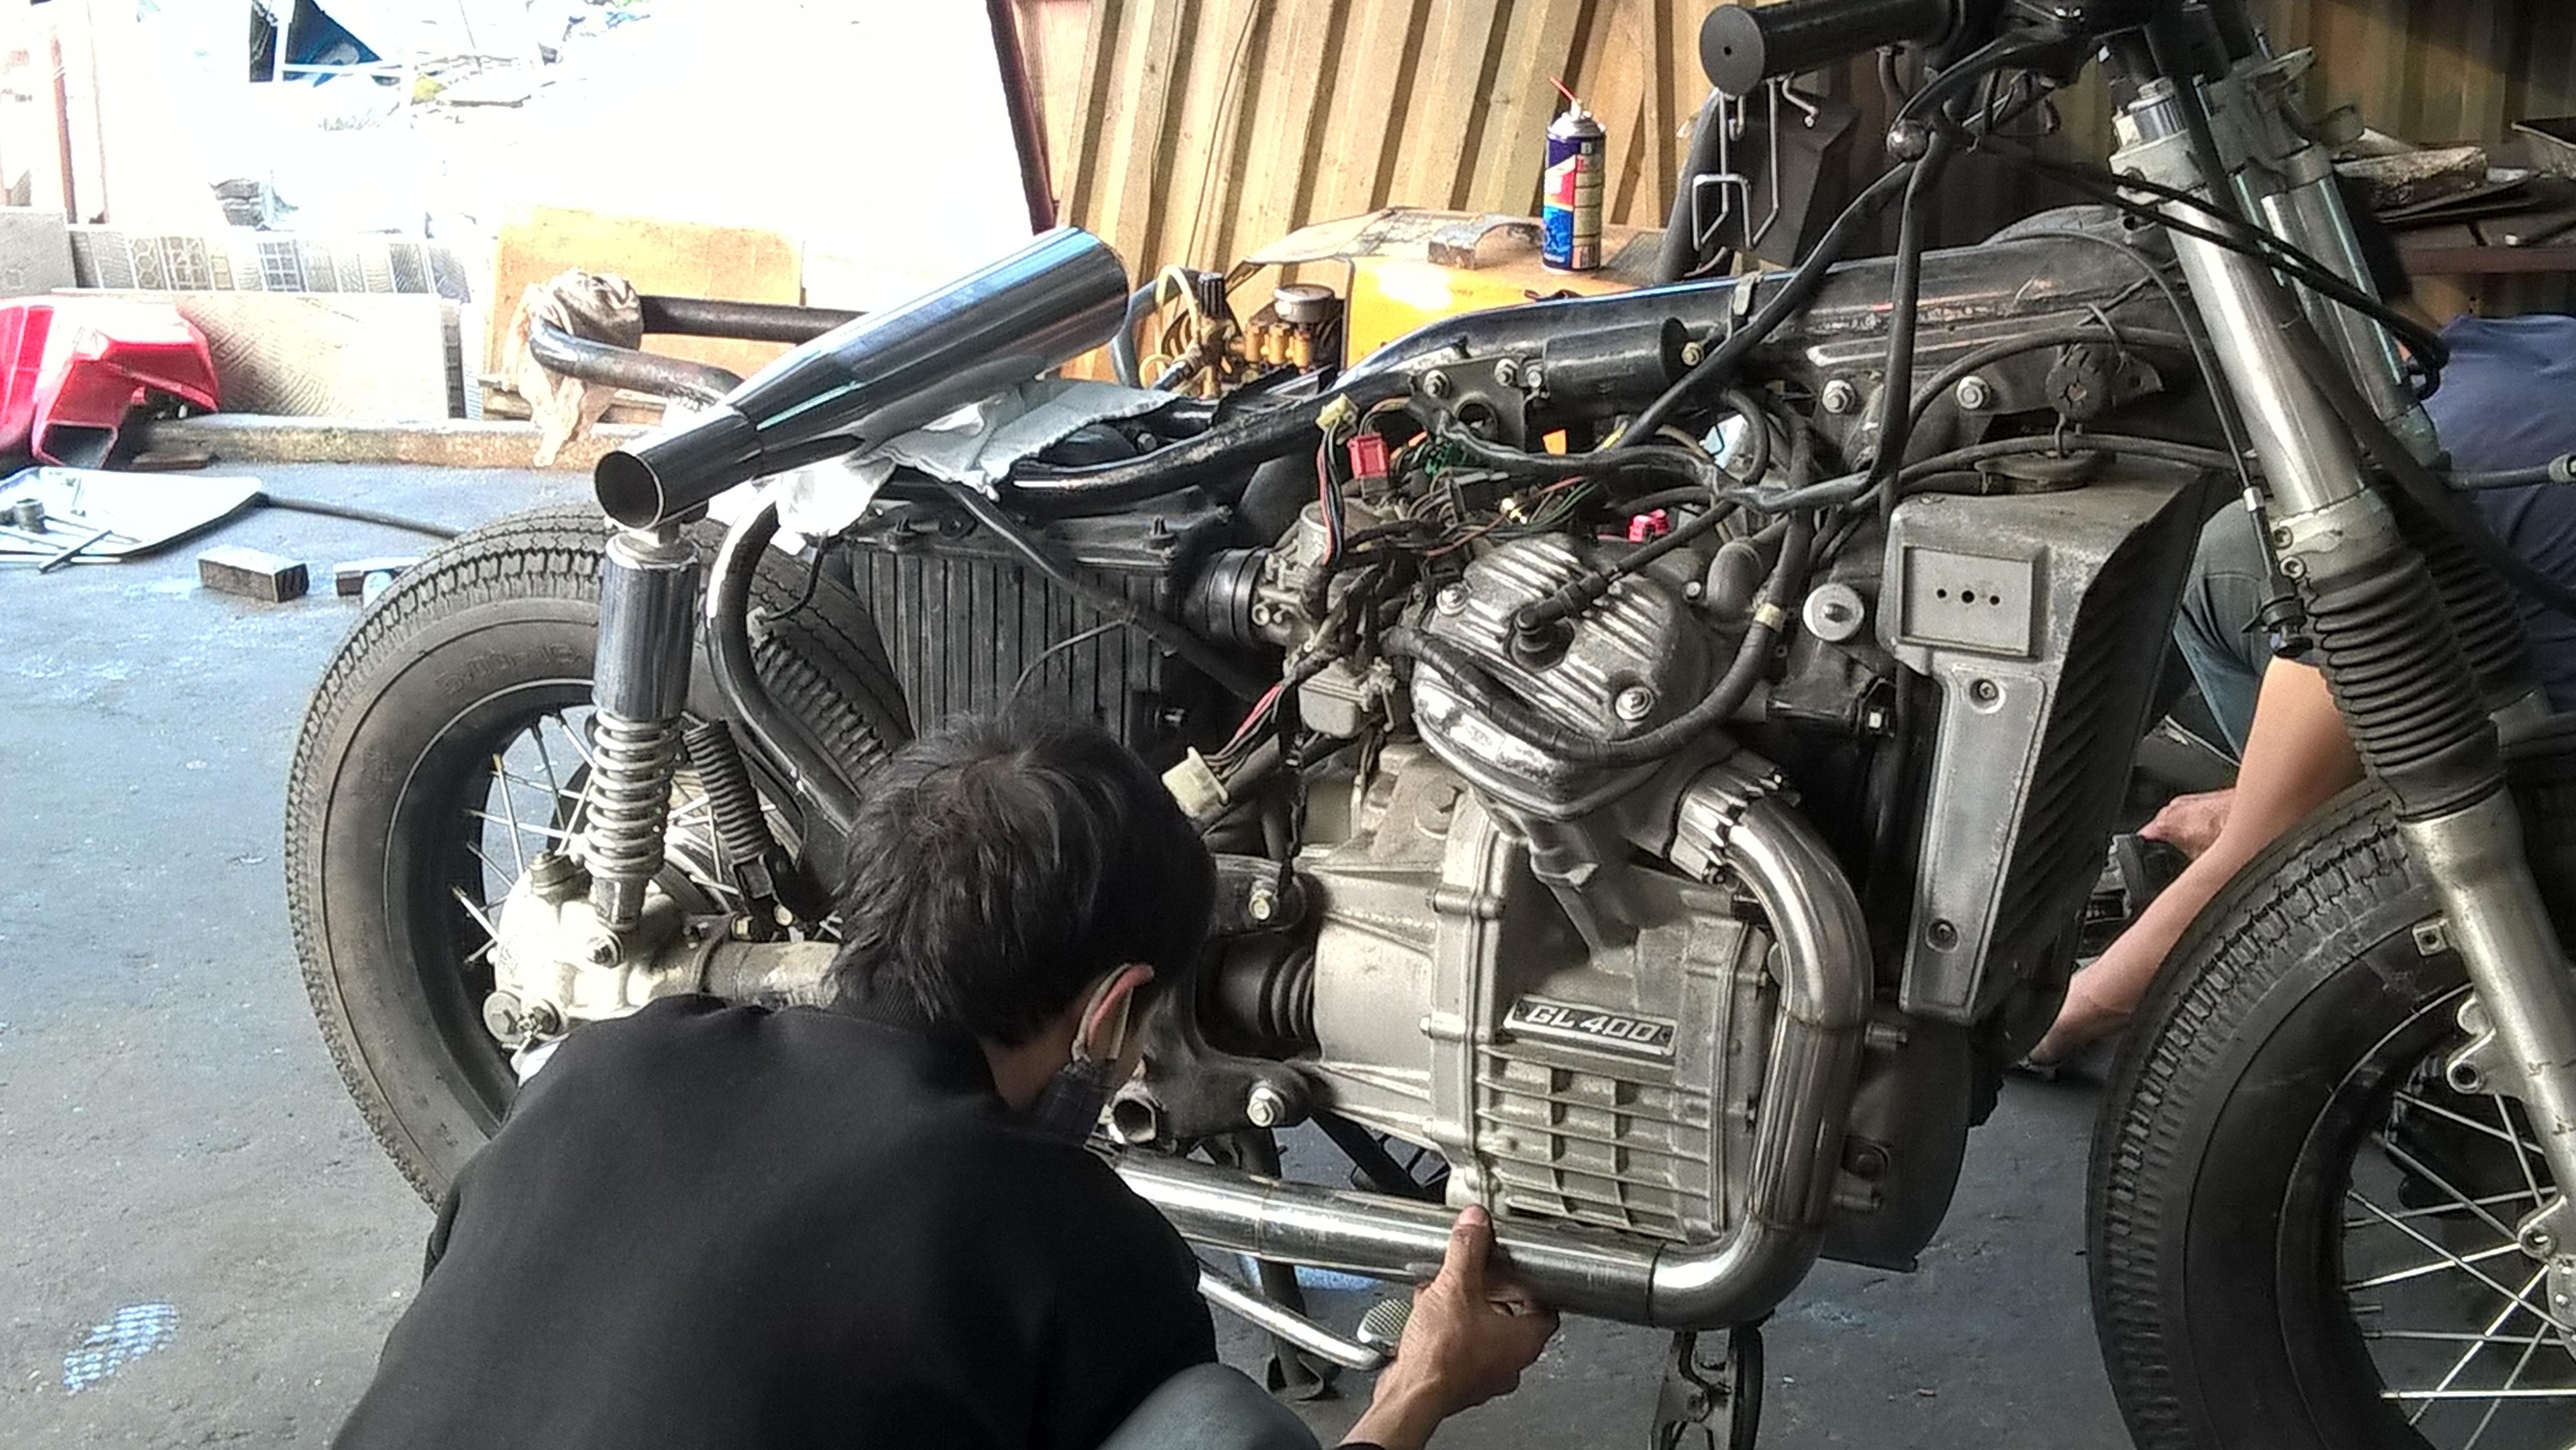 Thợ độ xe đang độ thay thế pô ống xả bằng hợp kim cho một chiếc xe độ phân khối lớn